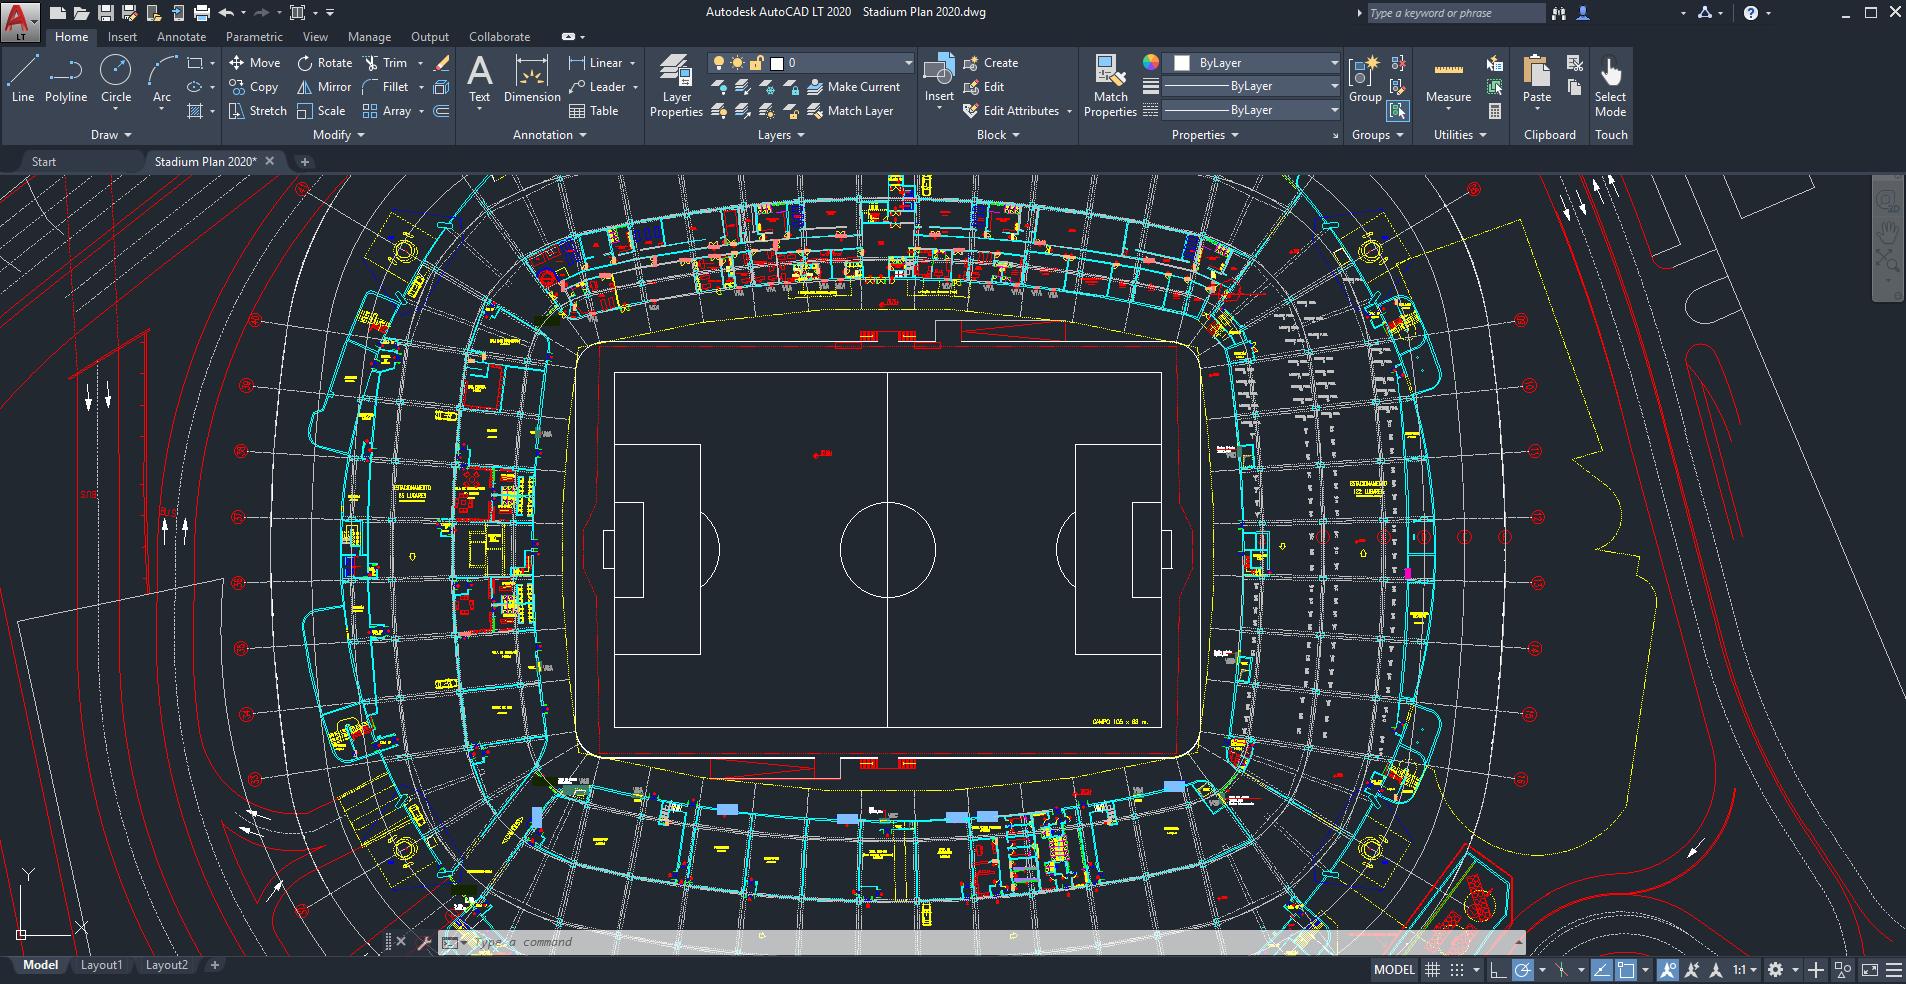 LT stadium2020v3